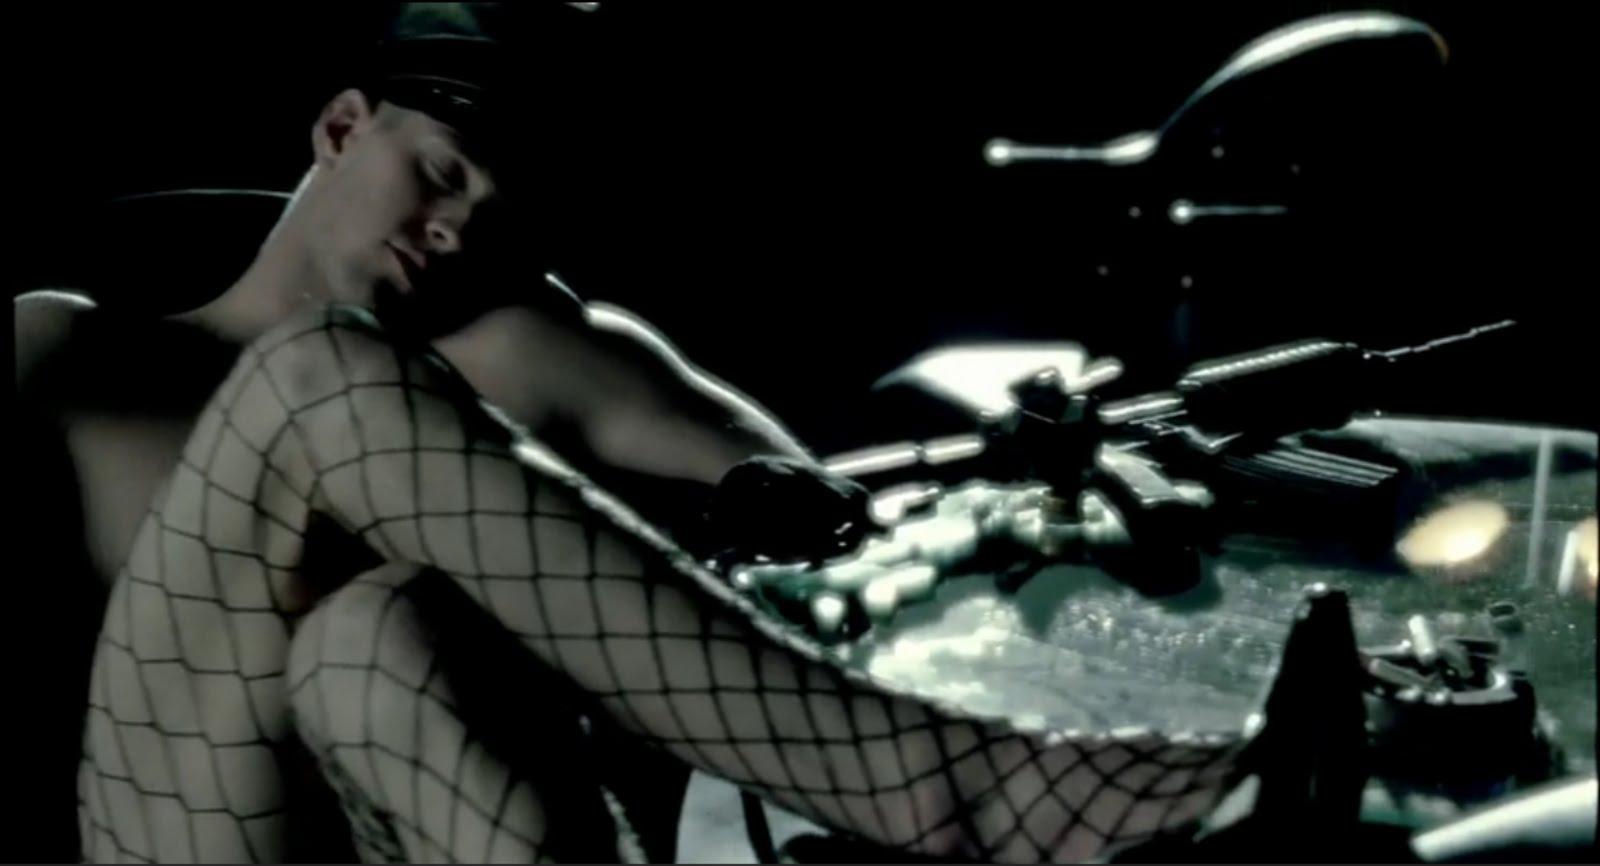 http://3.bp.blogspot.com/_8OyIh7i9YUs/TBqMdkSEcxI/AAAAAAAABgU/tVK5kaDpoTI/s1600/AlejandroLadyGagaMusicVideoMan.bmp